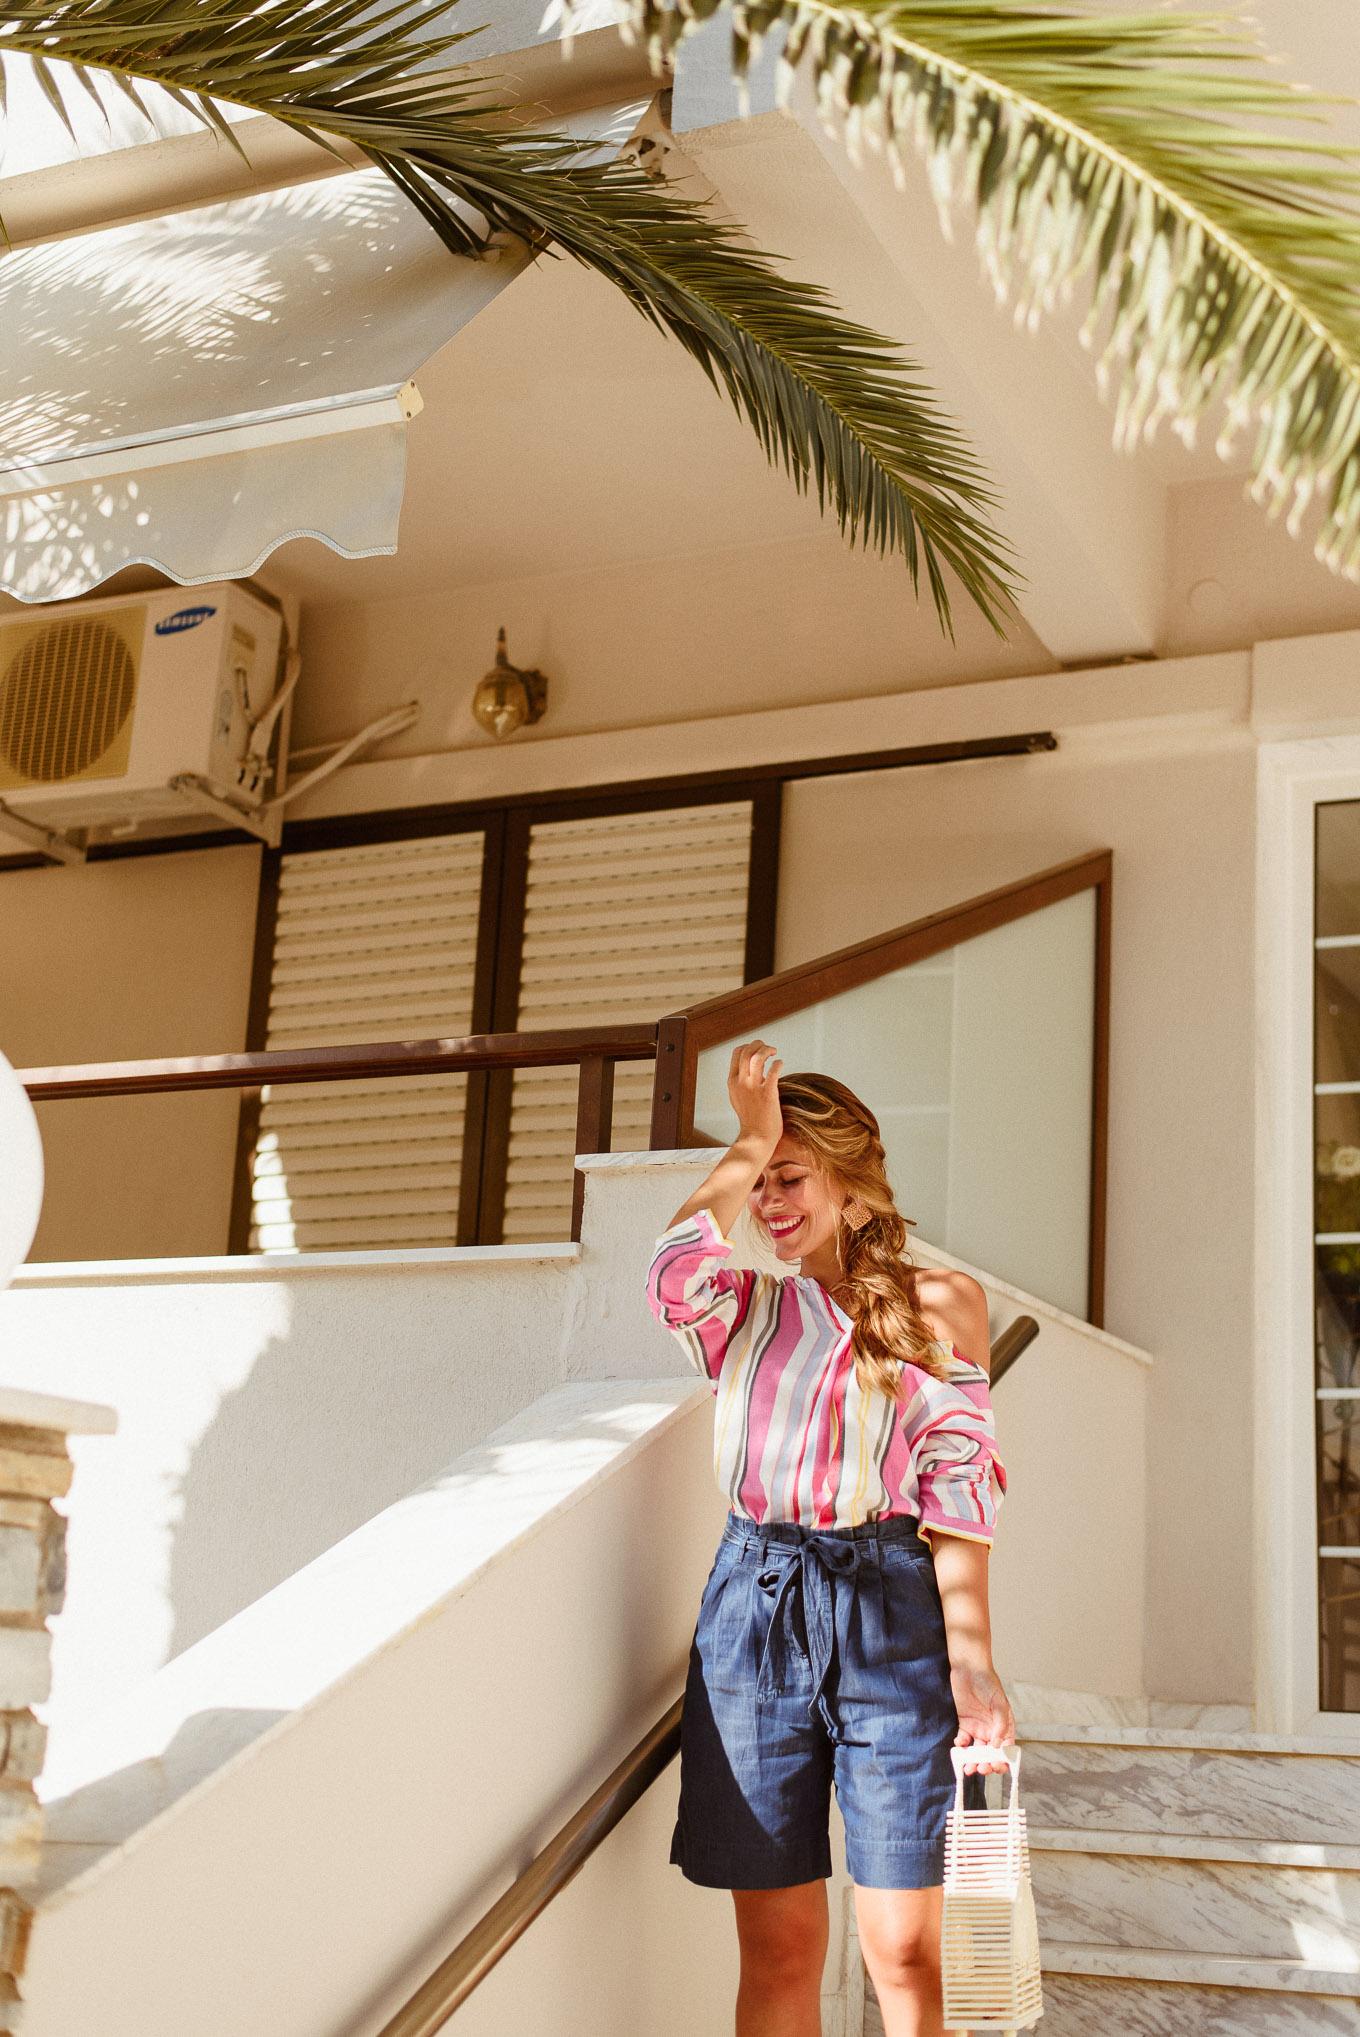 Mediterranean fashion blogger